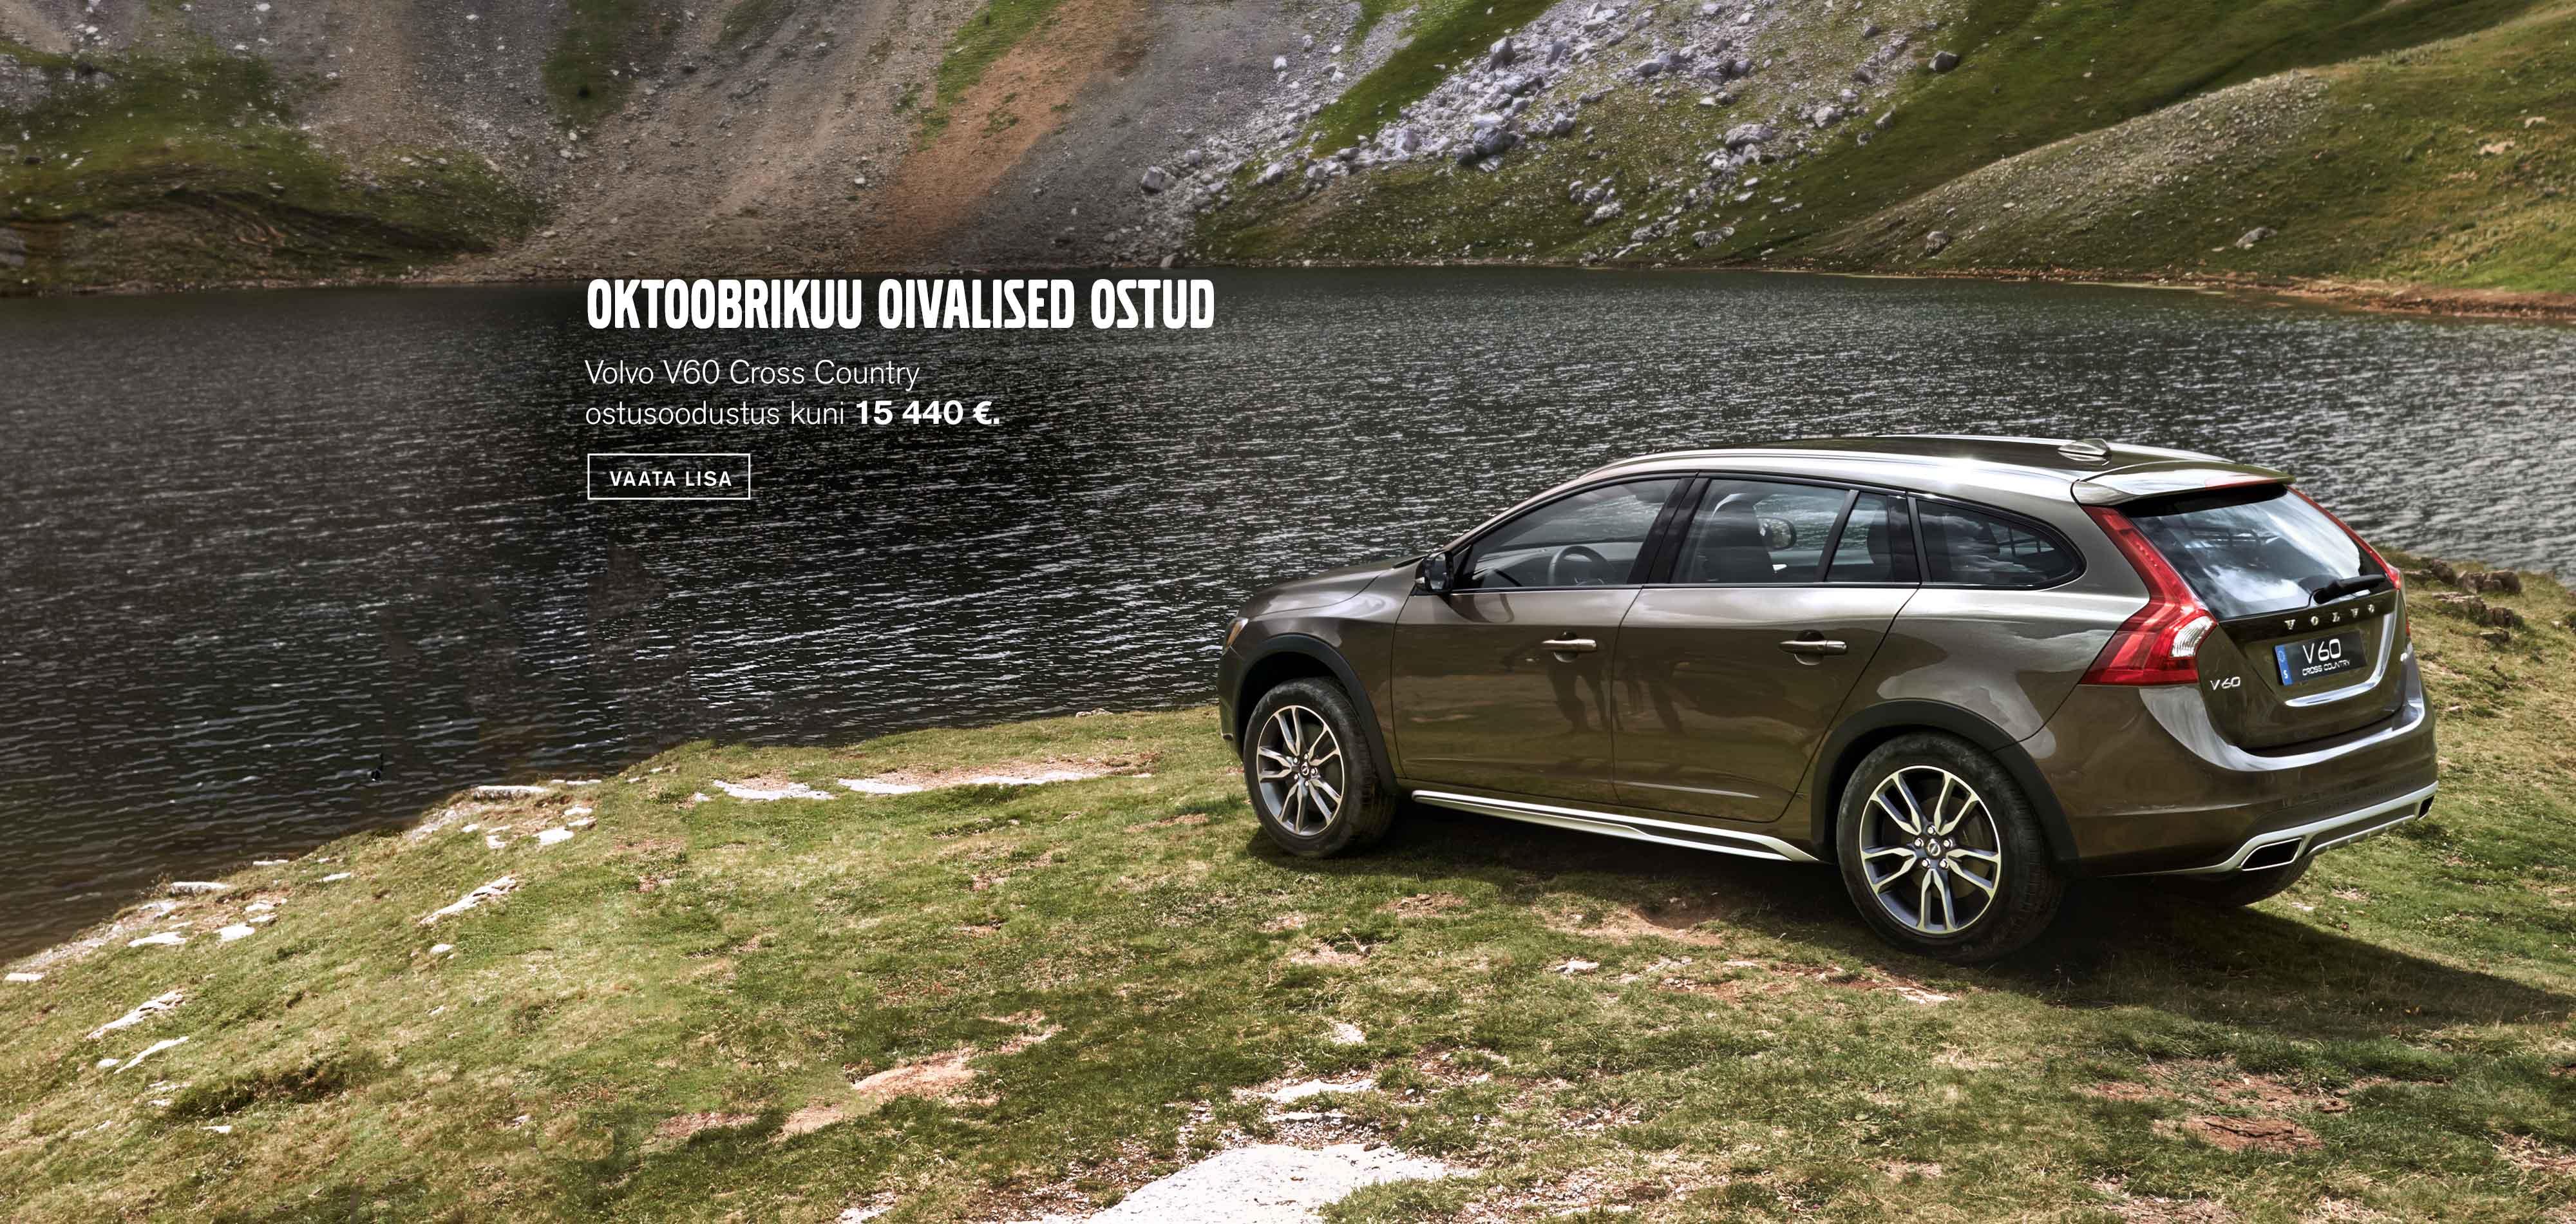 Volvo V60 Cross Country oktoobrikuu sooduspakkumised